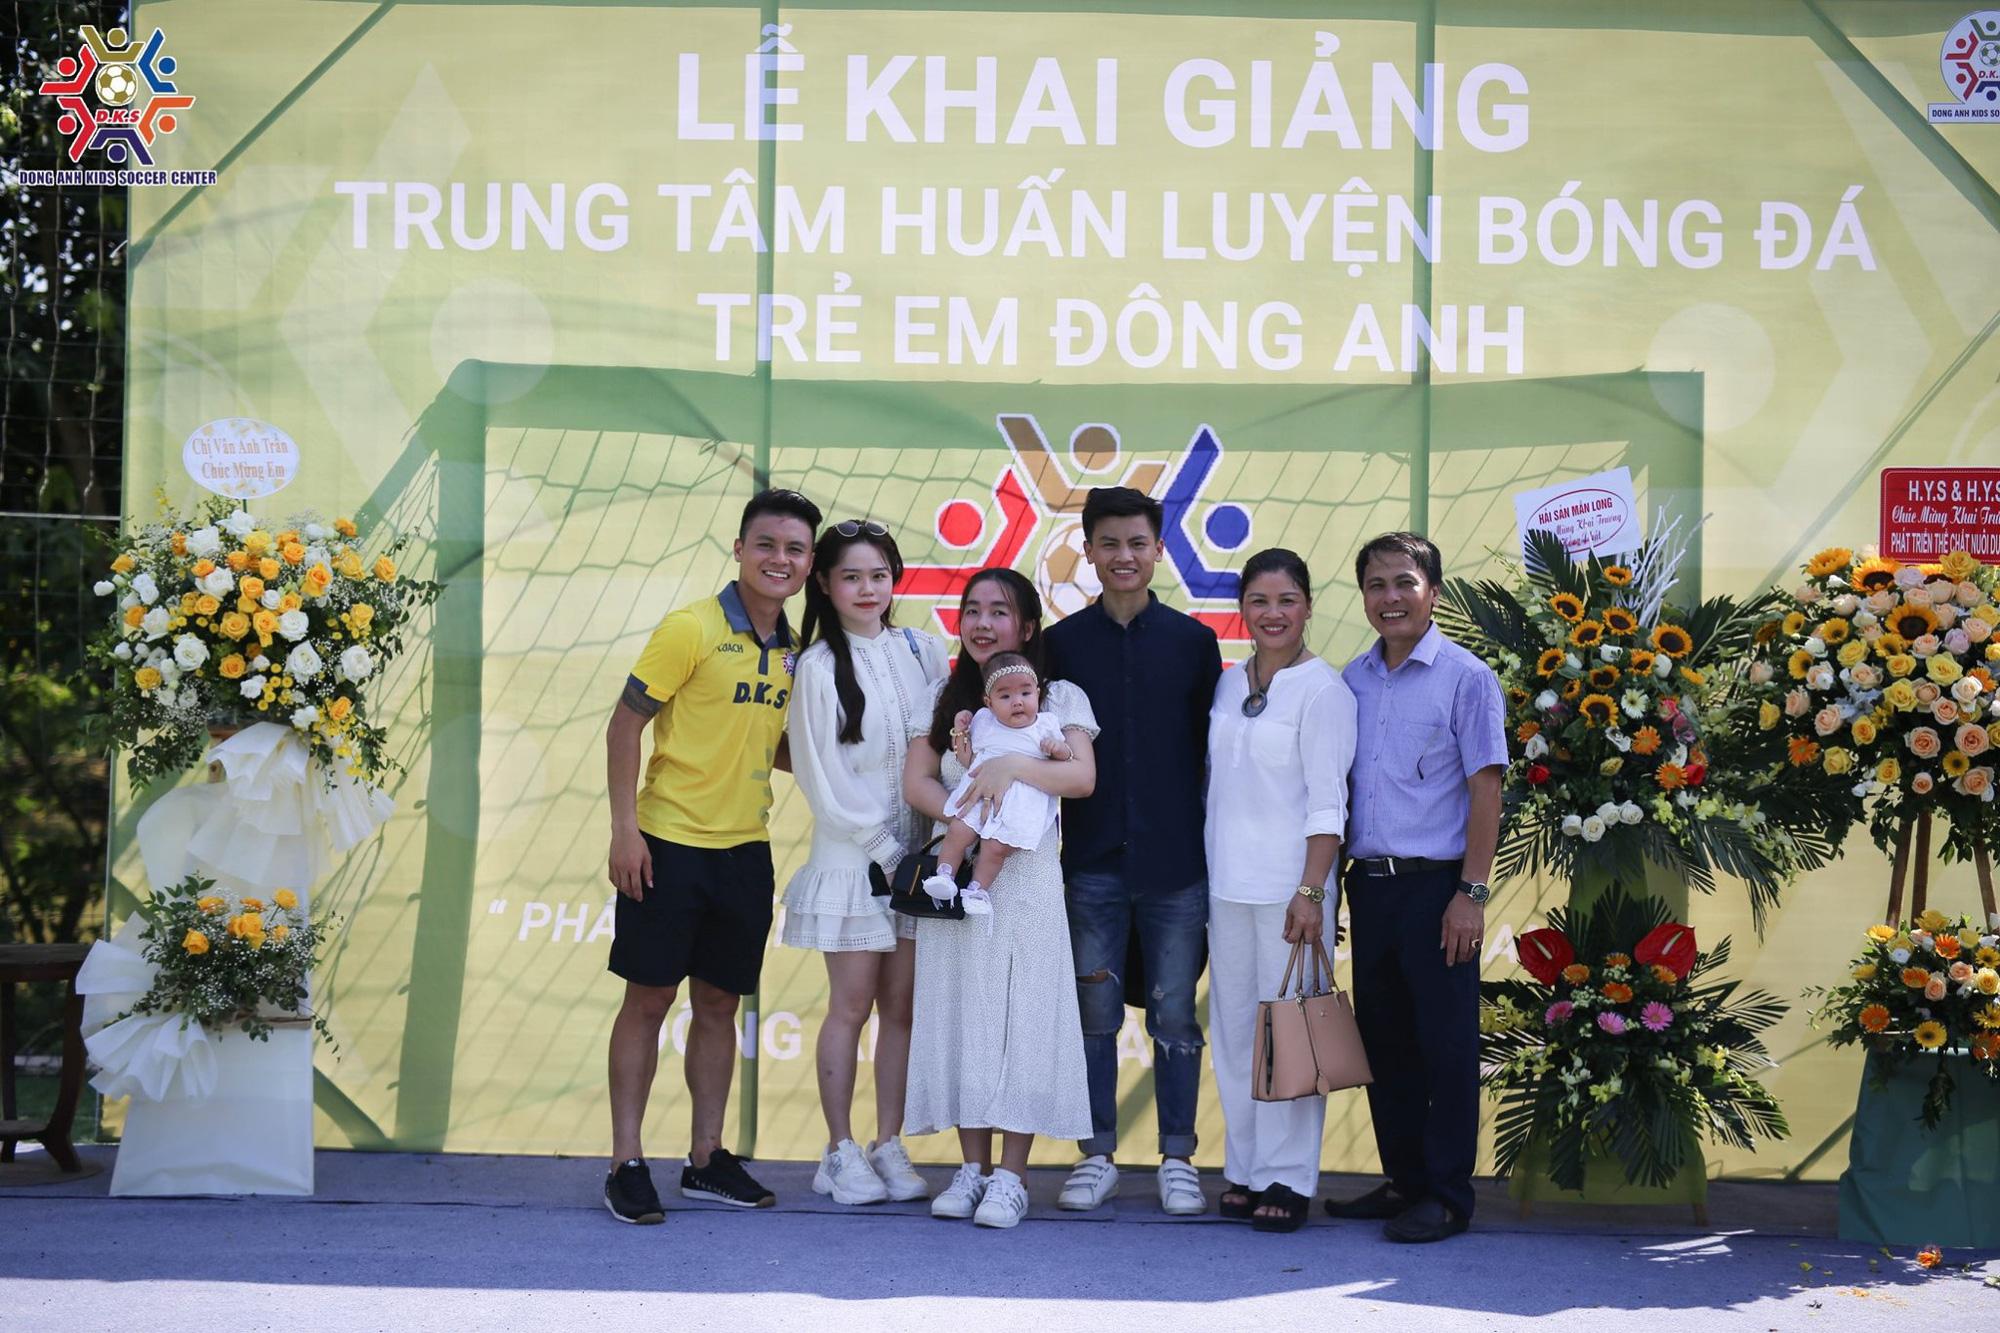 Quang Hải rạng ngời kế bên Huỳnh Anh khi chụp ảnh gia đình, đảm đang vào bếp trong ngày sinh nhật chị dâu  - Ảnh 4.